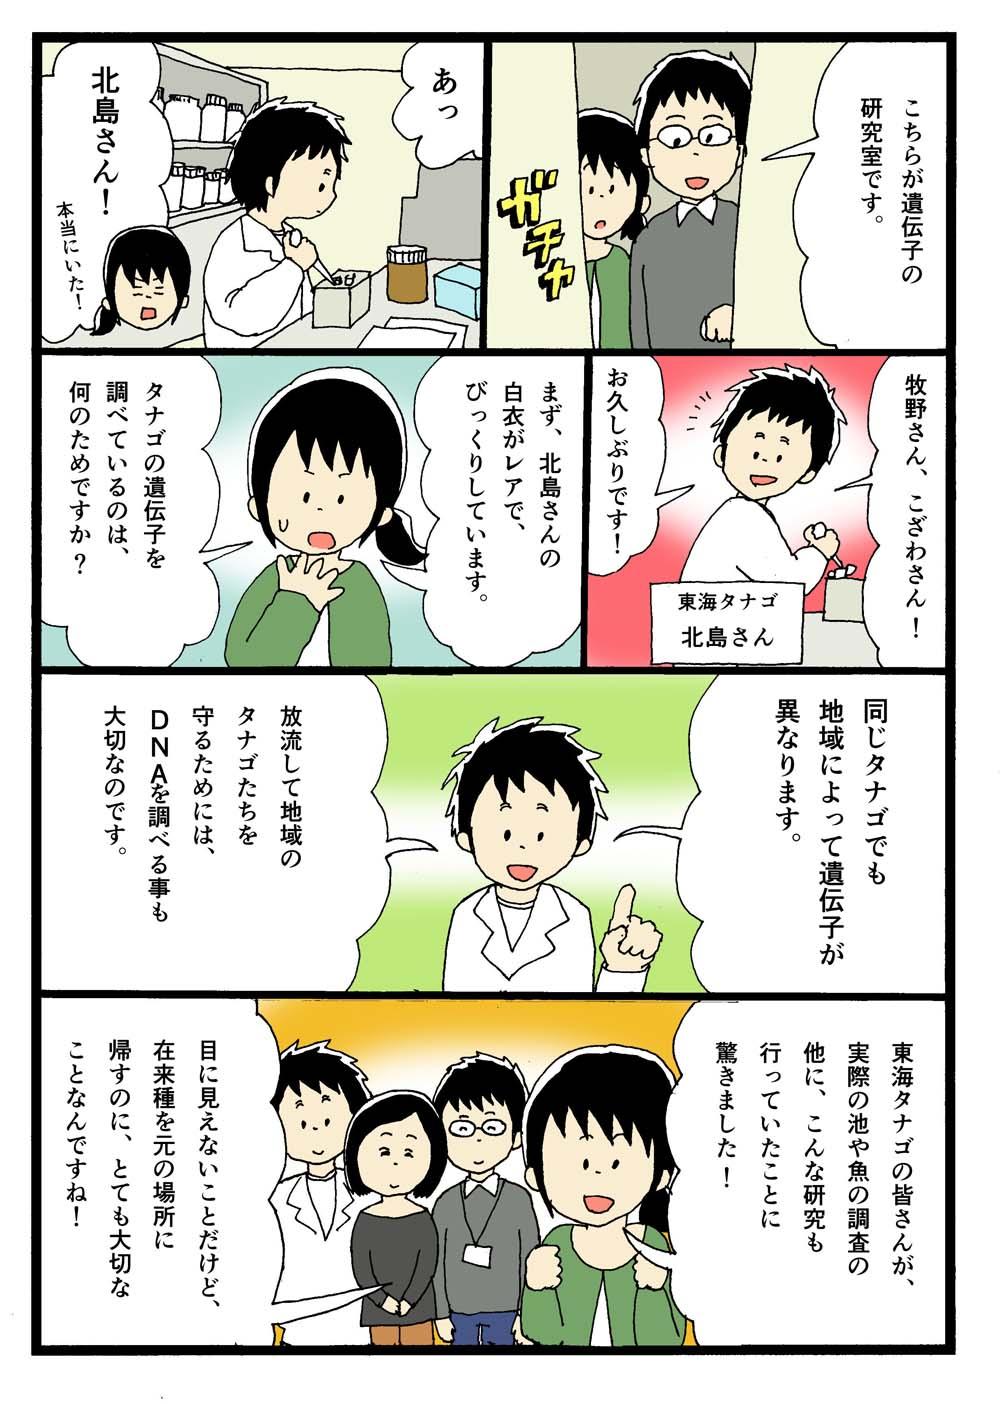 琵琶博まんが5-1